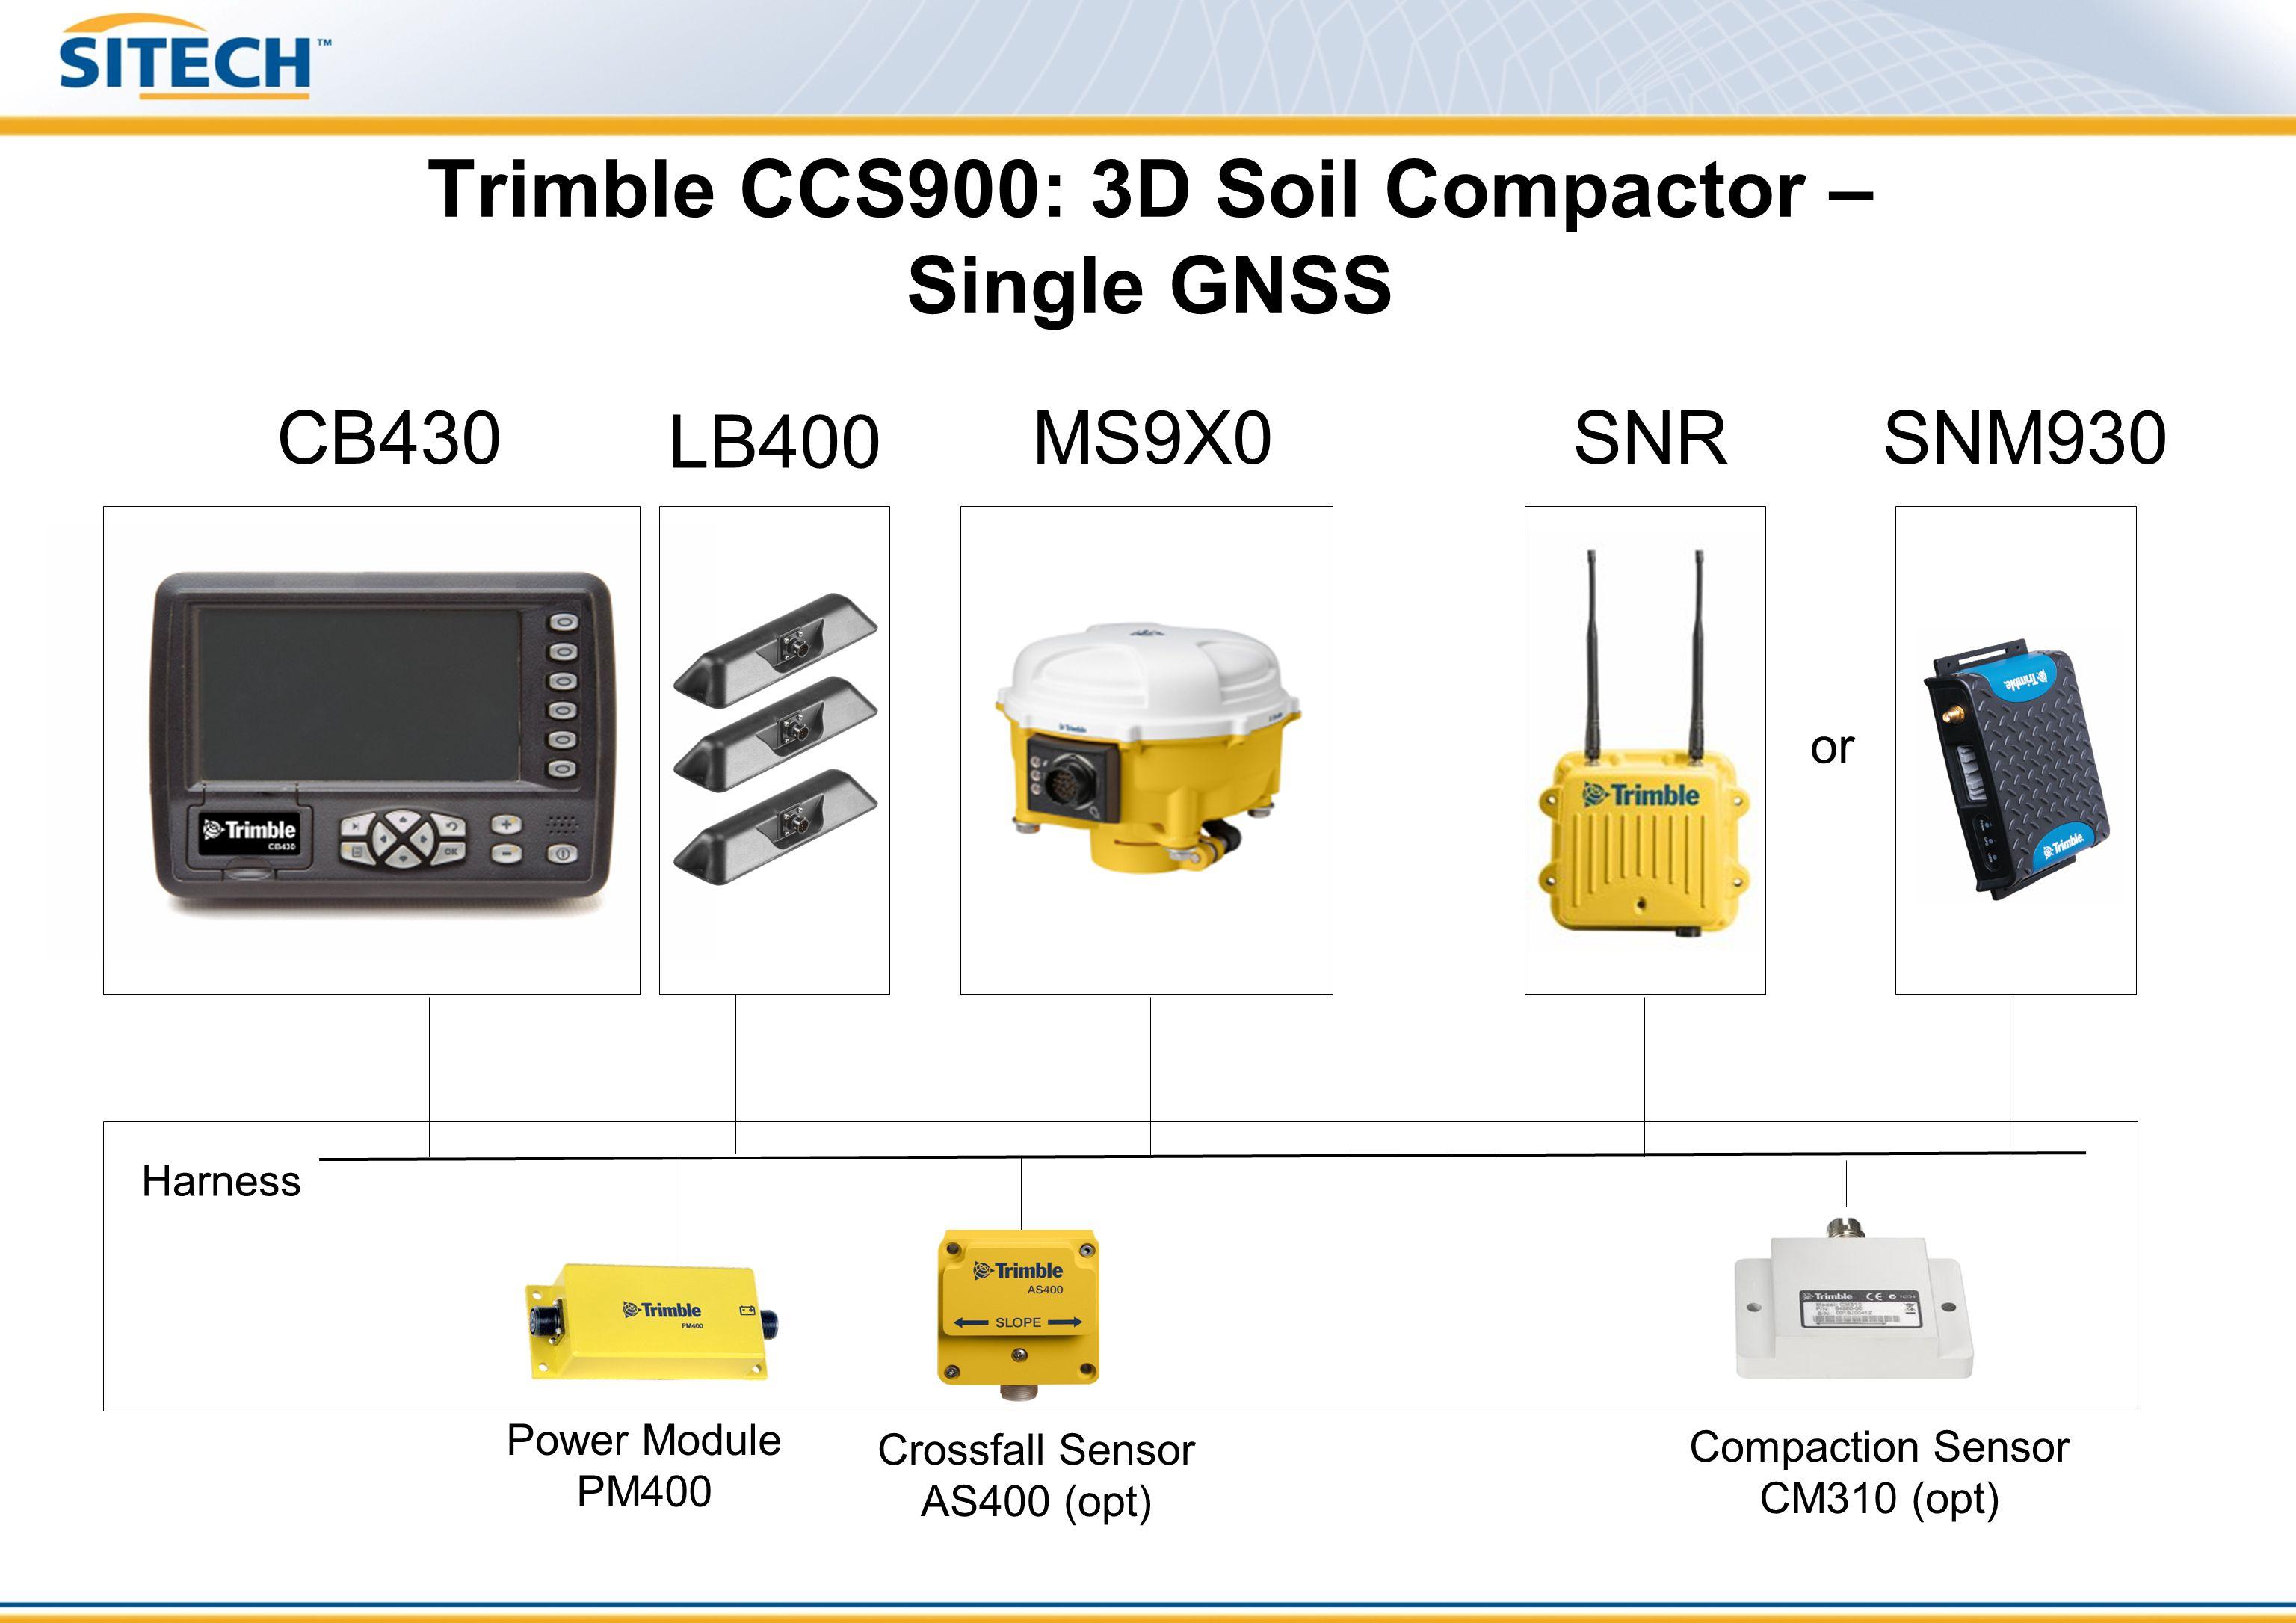 Trimble CCS900: 3D Soil Compactor – Single GNSS